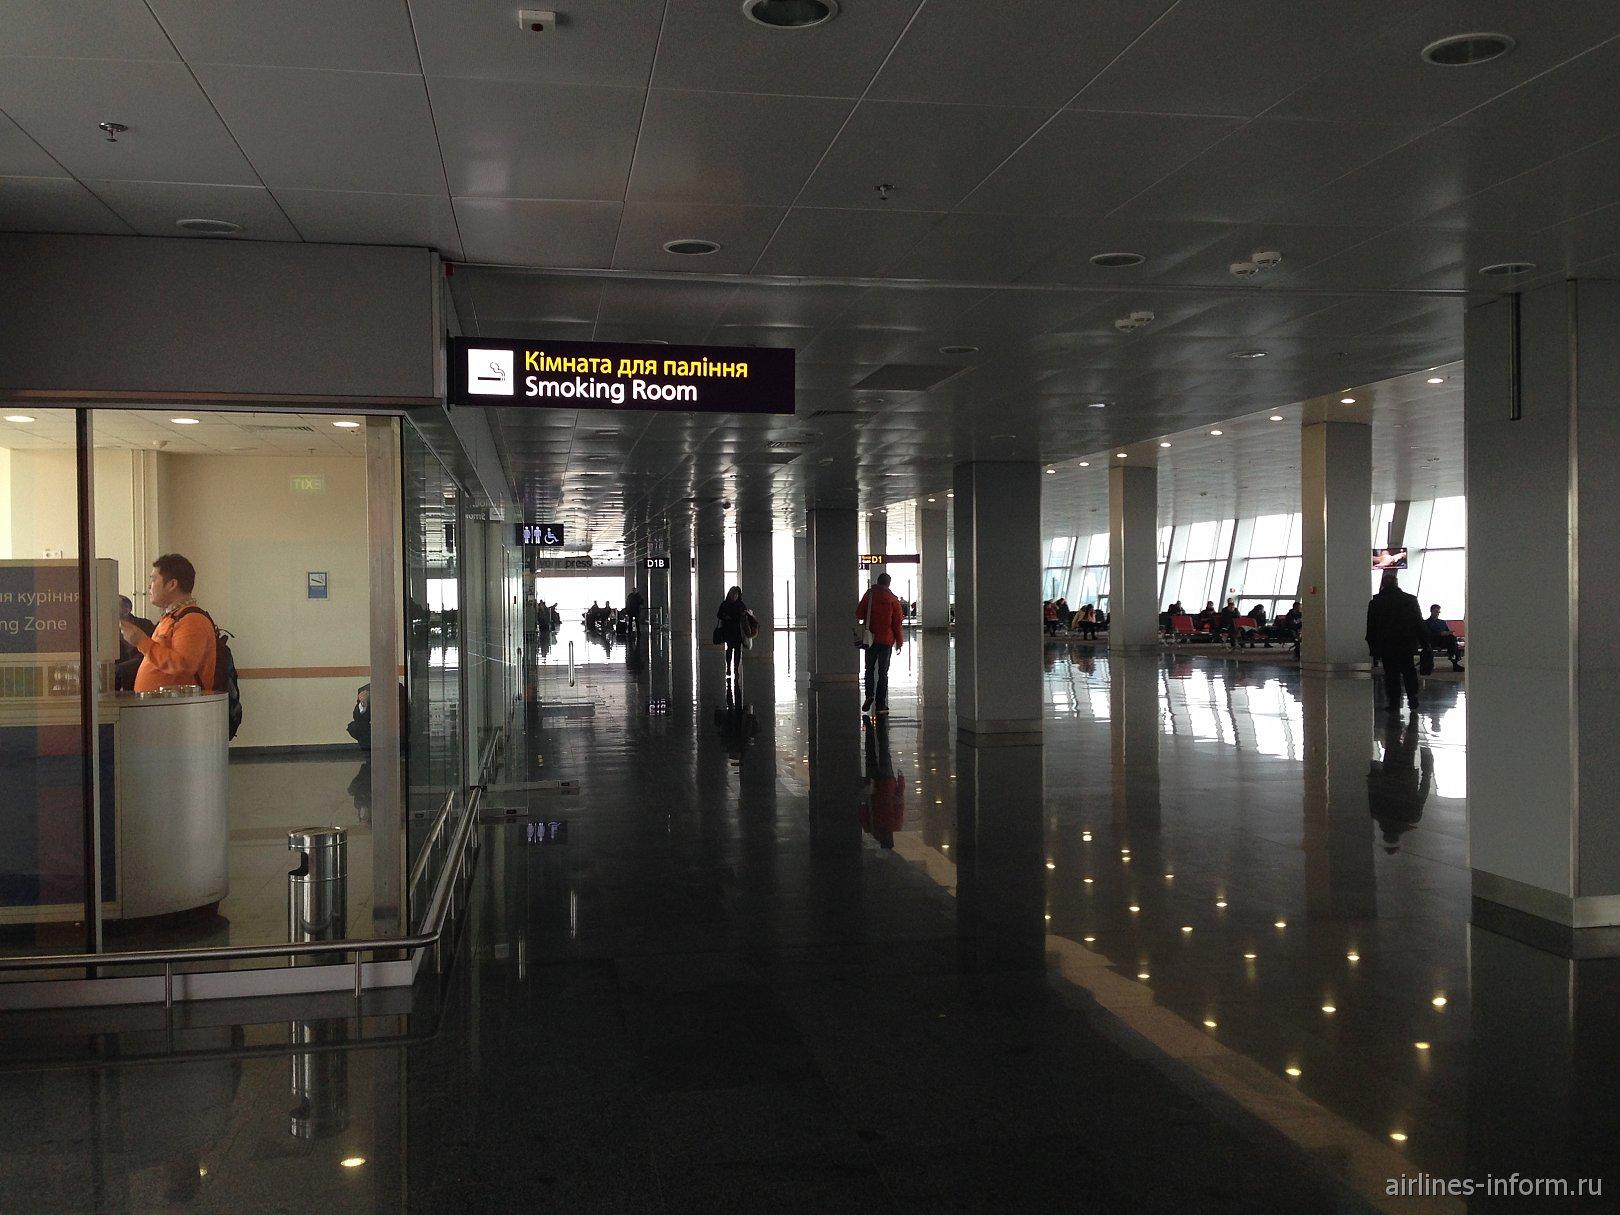 Залы ожидания и выходы на посадку в терминале Д аэропорта Киев Борисполь